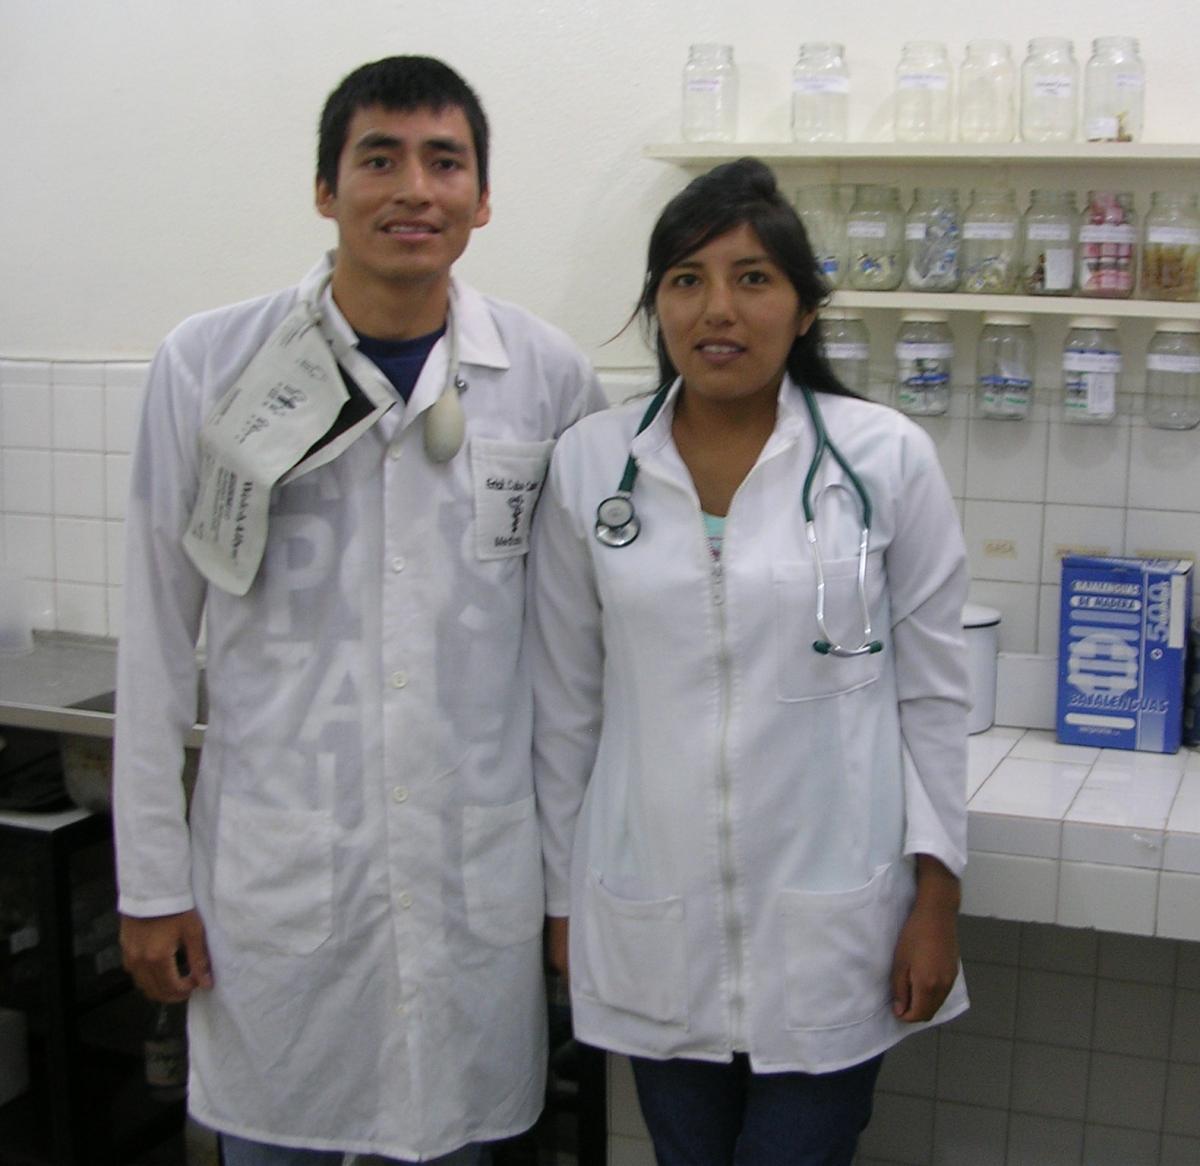 #5 Erick Cuba and Viviana Arequipa